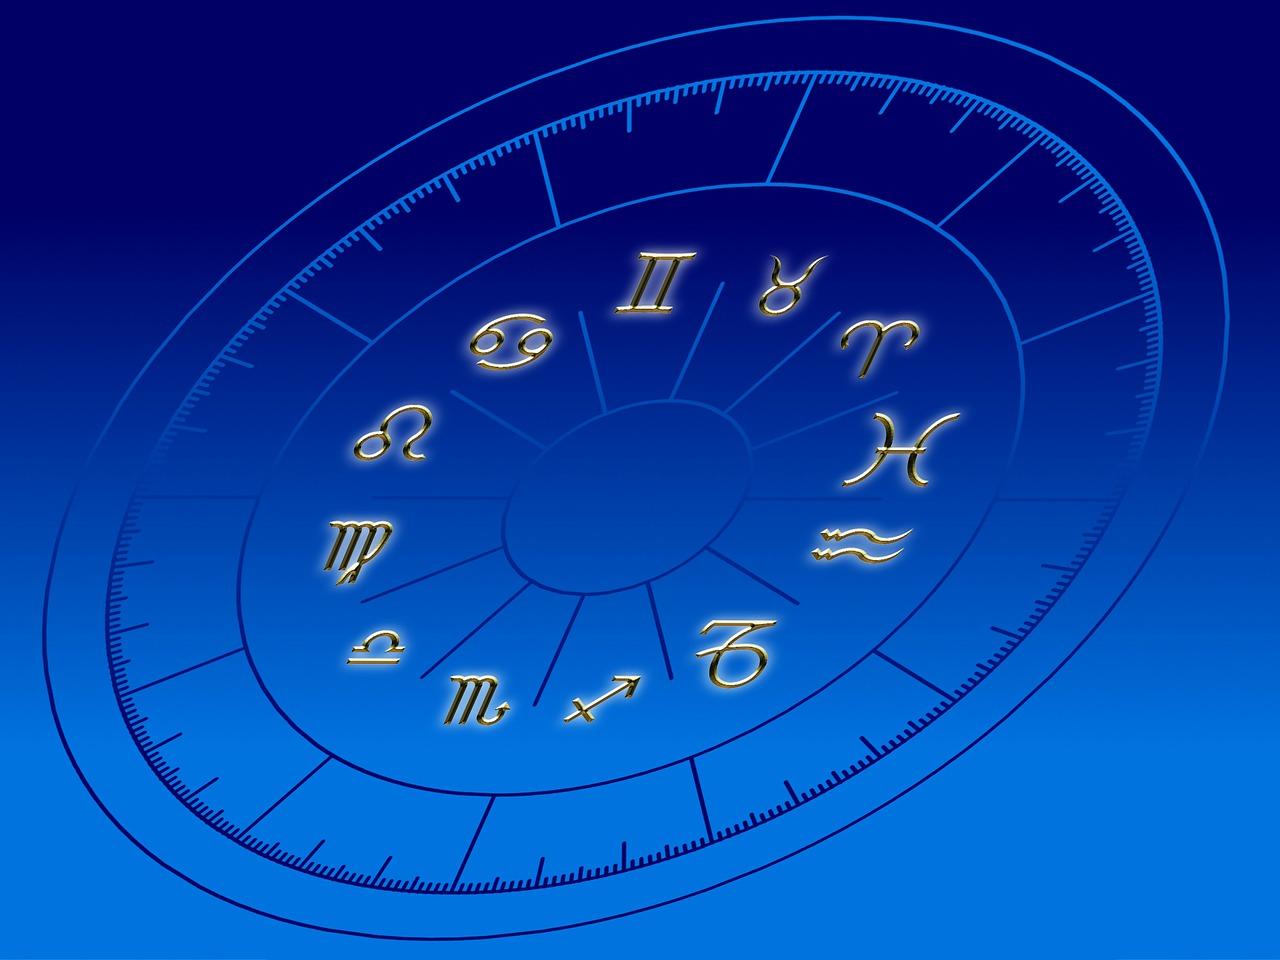 El zodiaco constitutivo y el zodiaco constituyente.